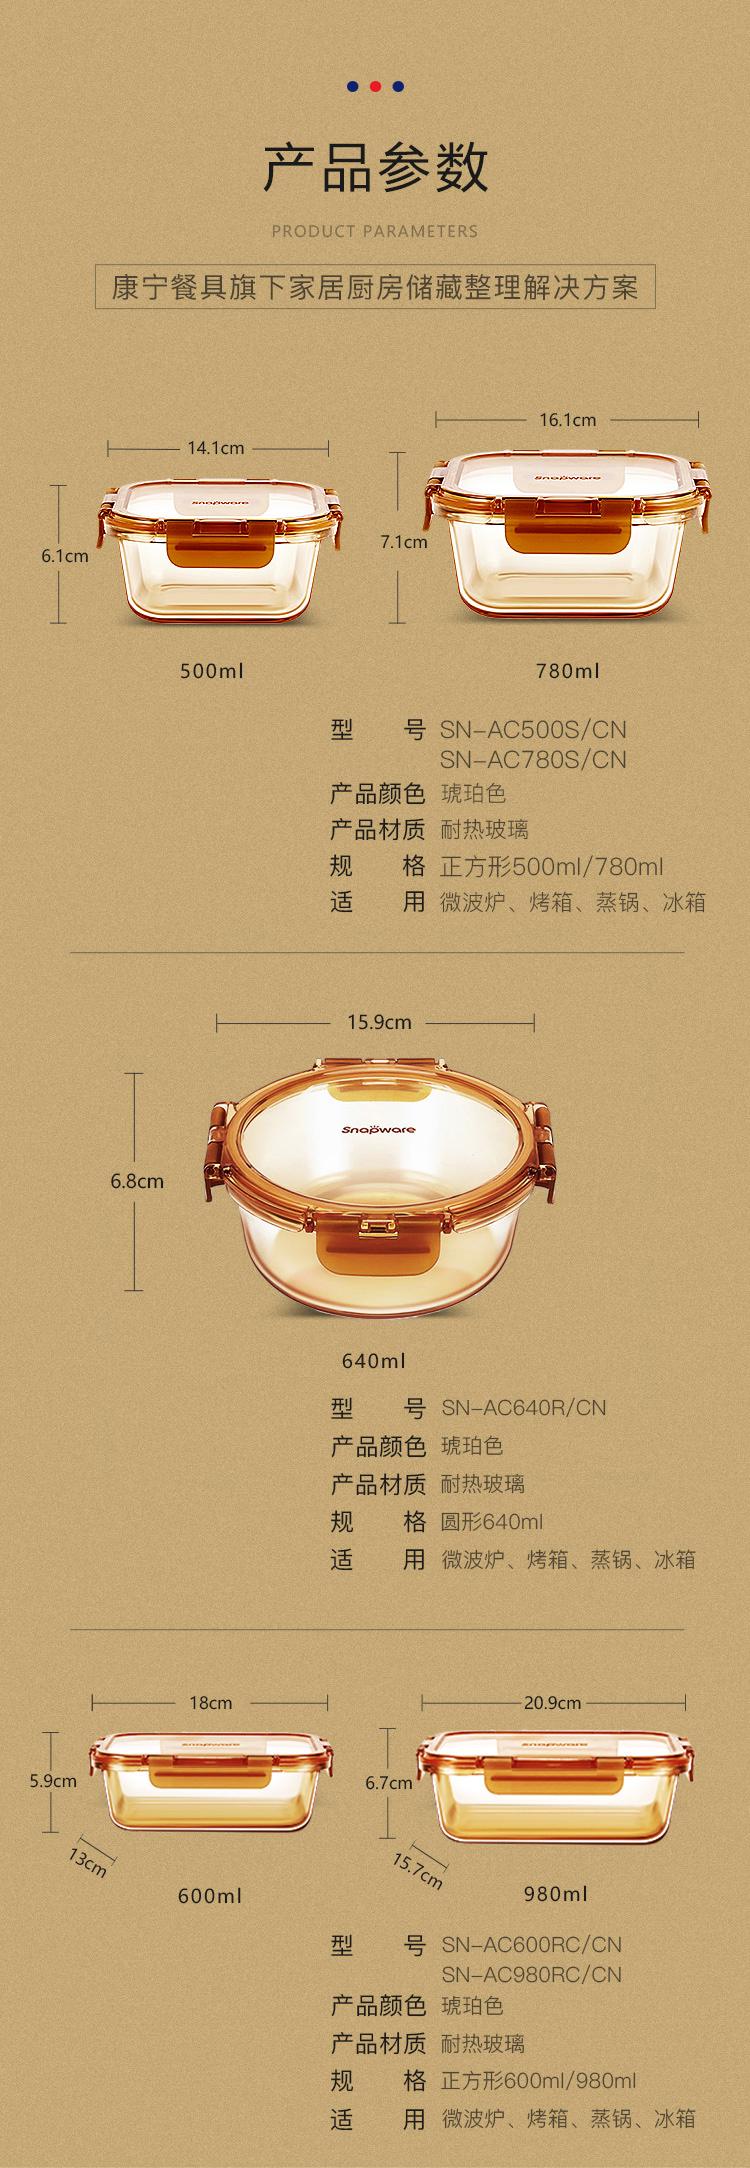 美国 康宁 snapware 耐热玻璃保鲜饭盒 500ml 图7